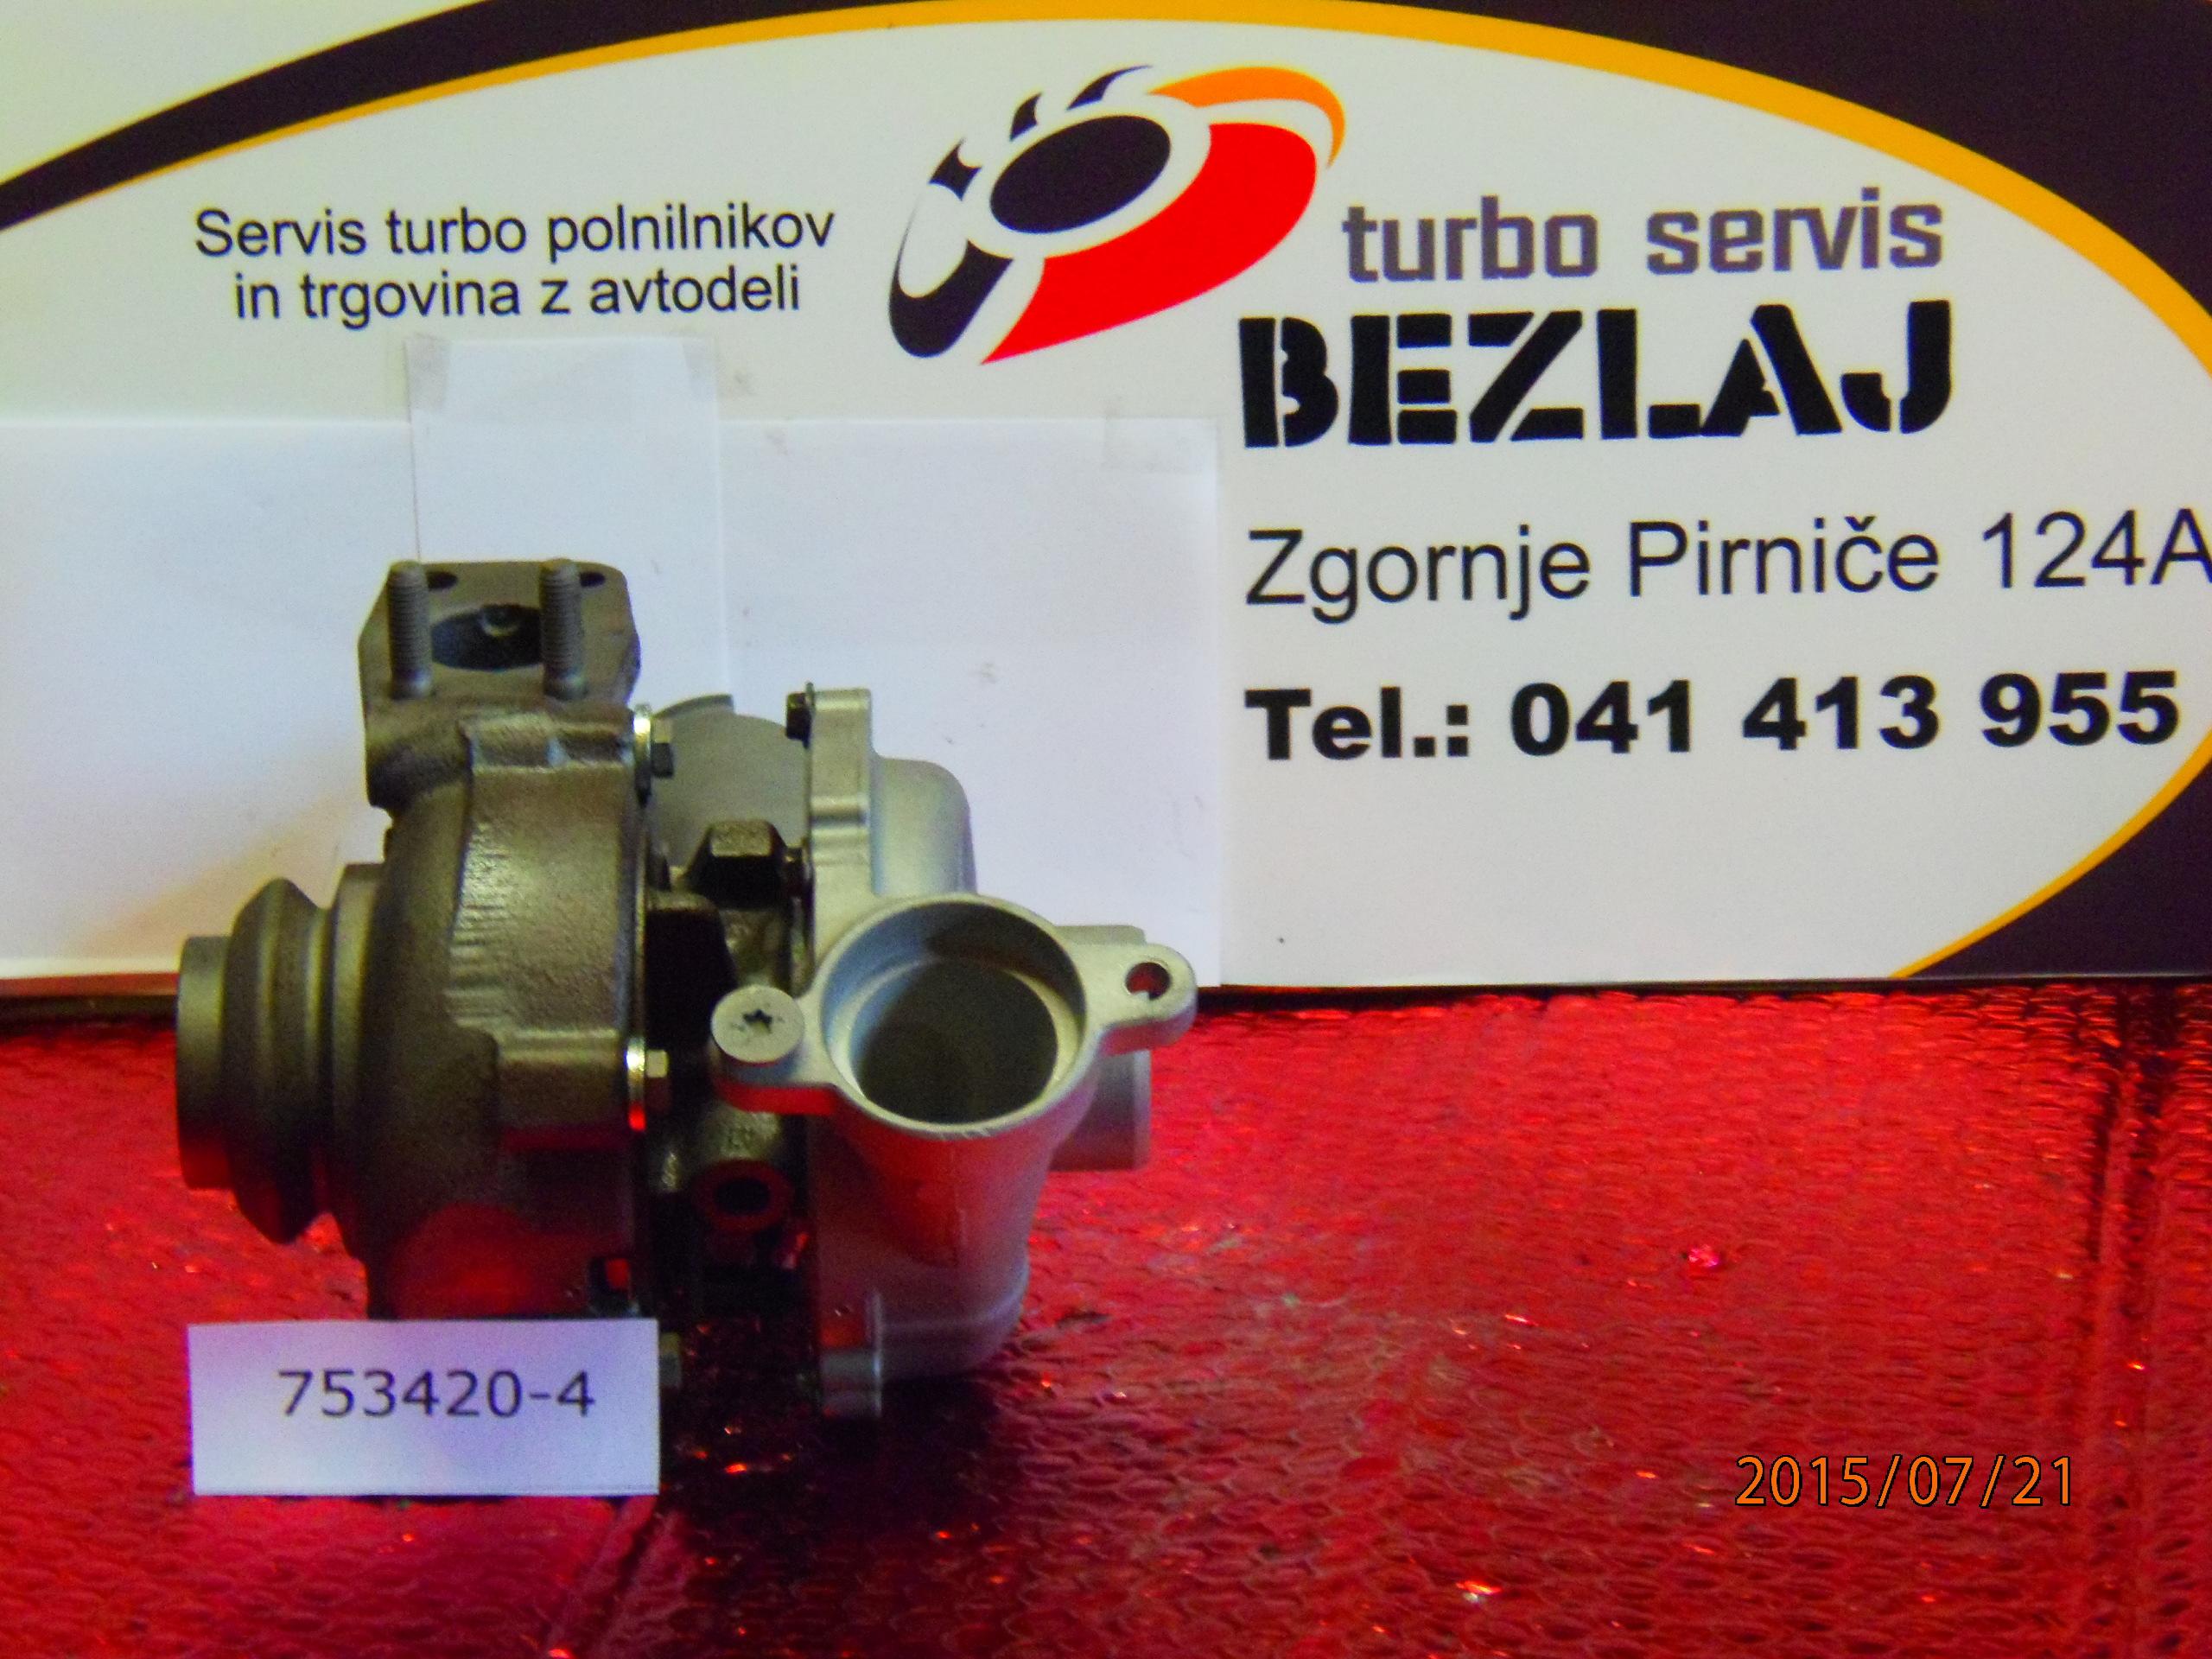 turbo753420-4 (2)